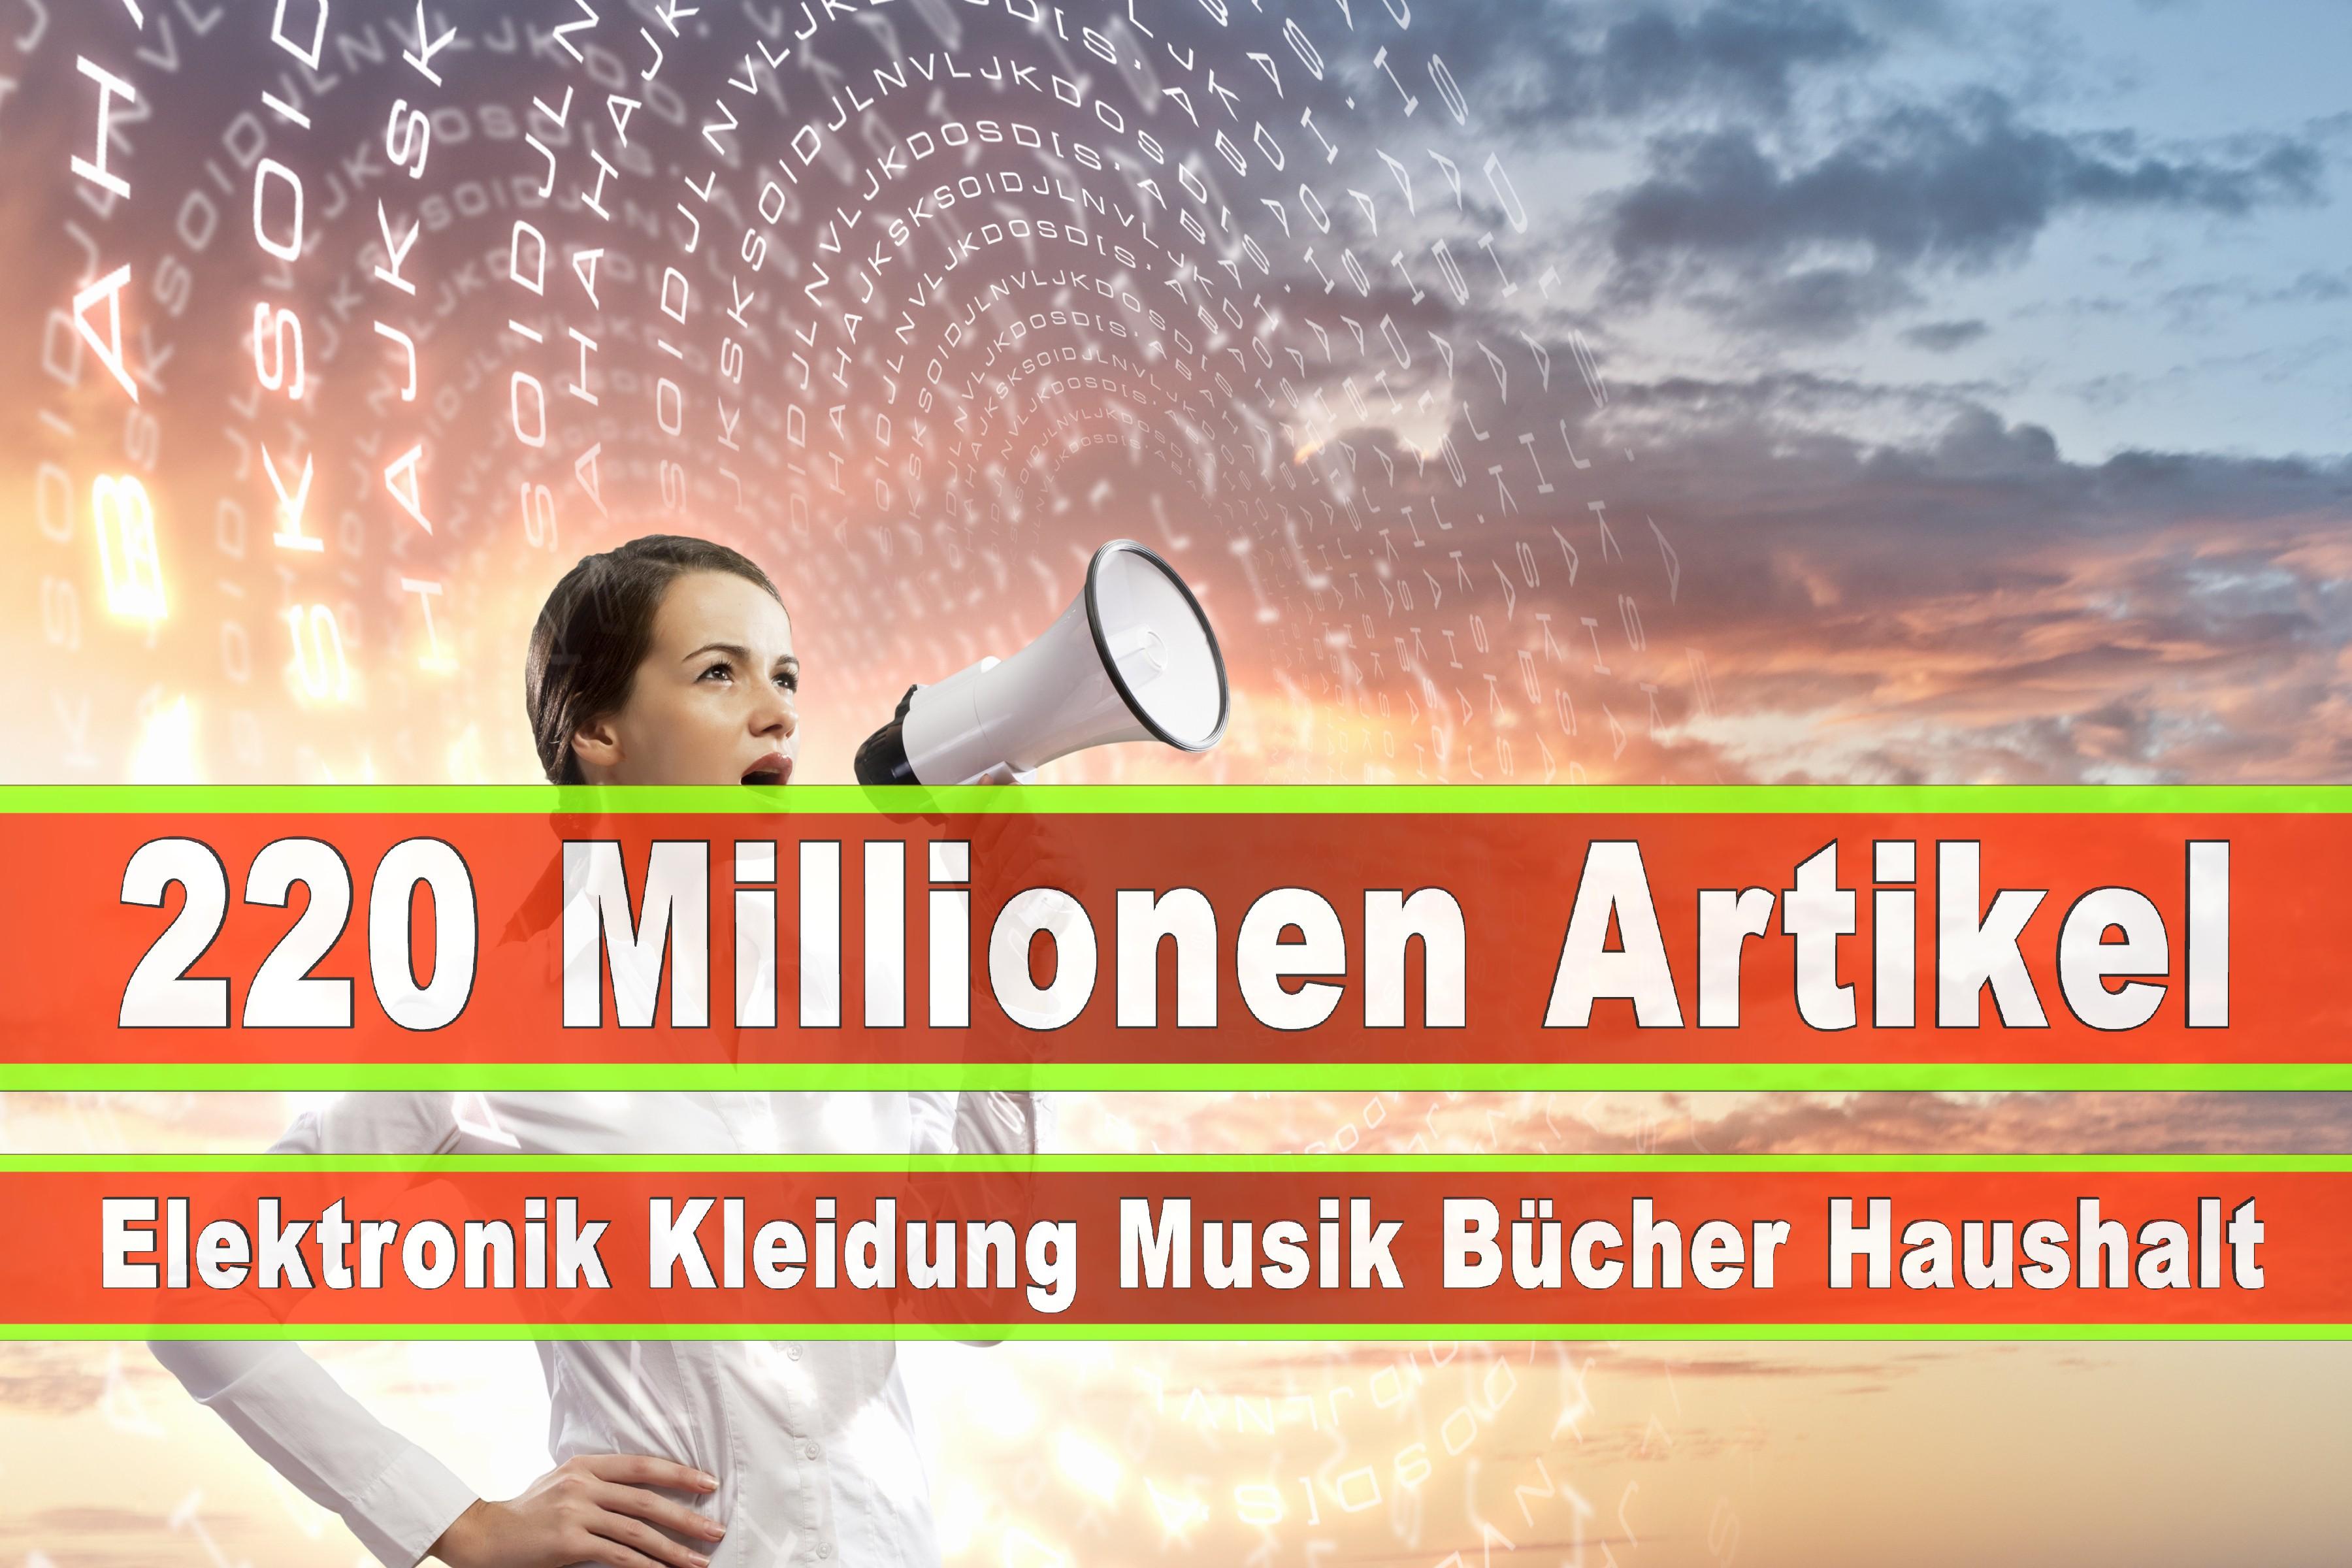 Amazon Elektronik Musik Haushalt Bücher CD DVD Handys Smartphones TV Television Fernseher Kleidung Mode Ebay Versandhaus (134)